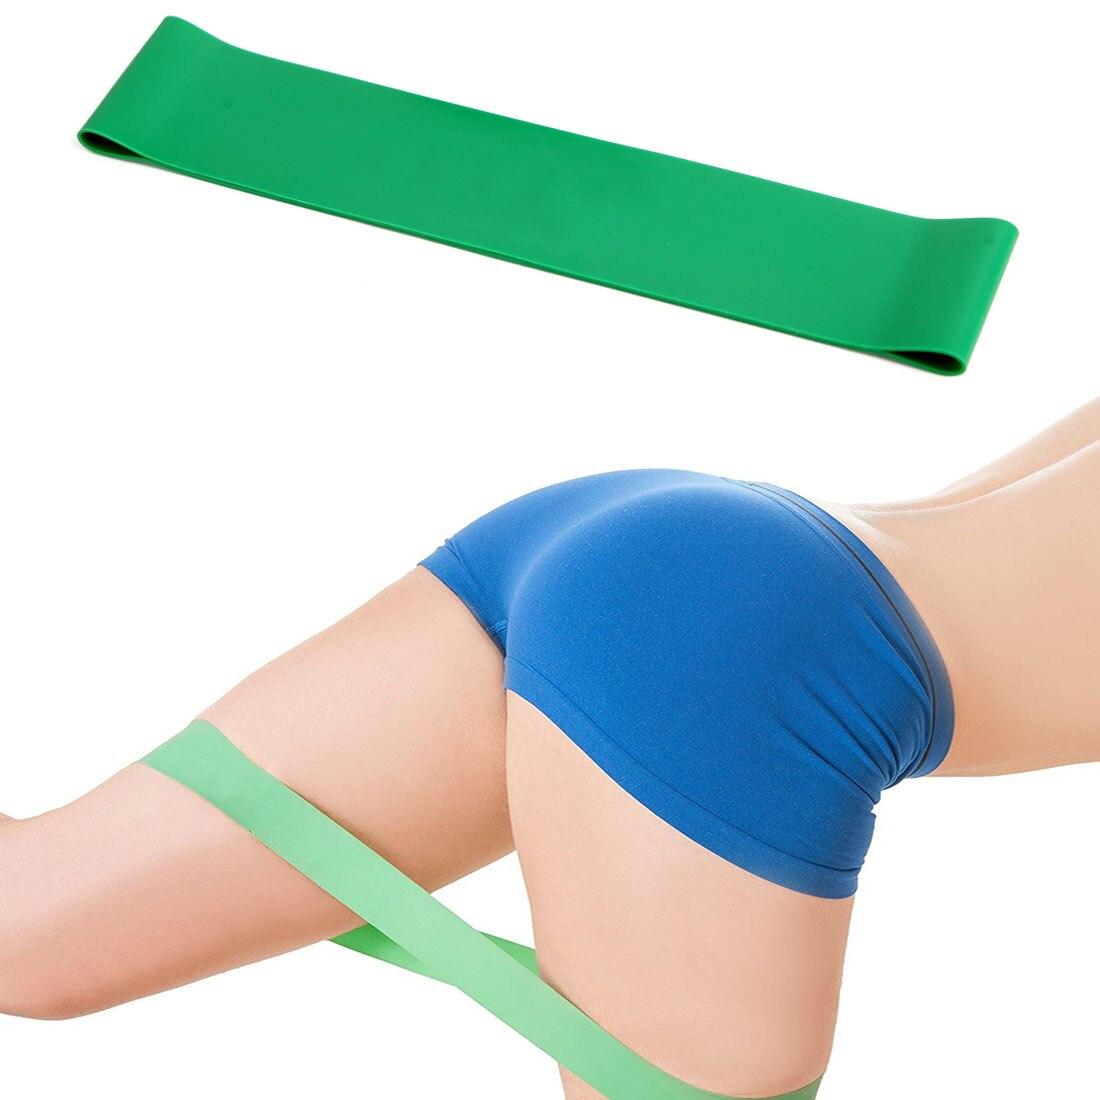 Лидер продаж сопротивление Йога эластичной вставкой мышцы Фитнес тренировки Пилатес группы тренировки резиновые Crossfit растяжка ремень